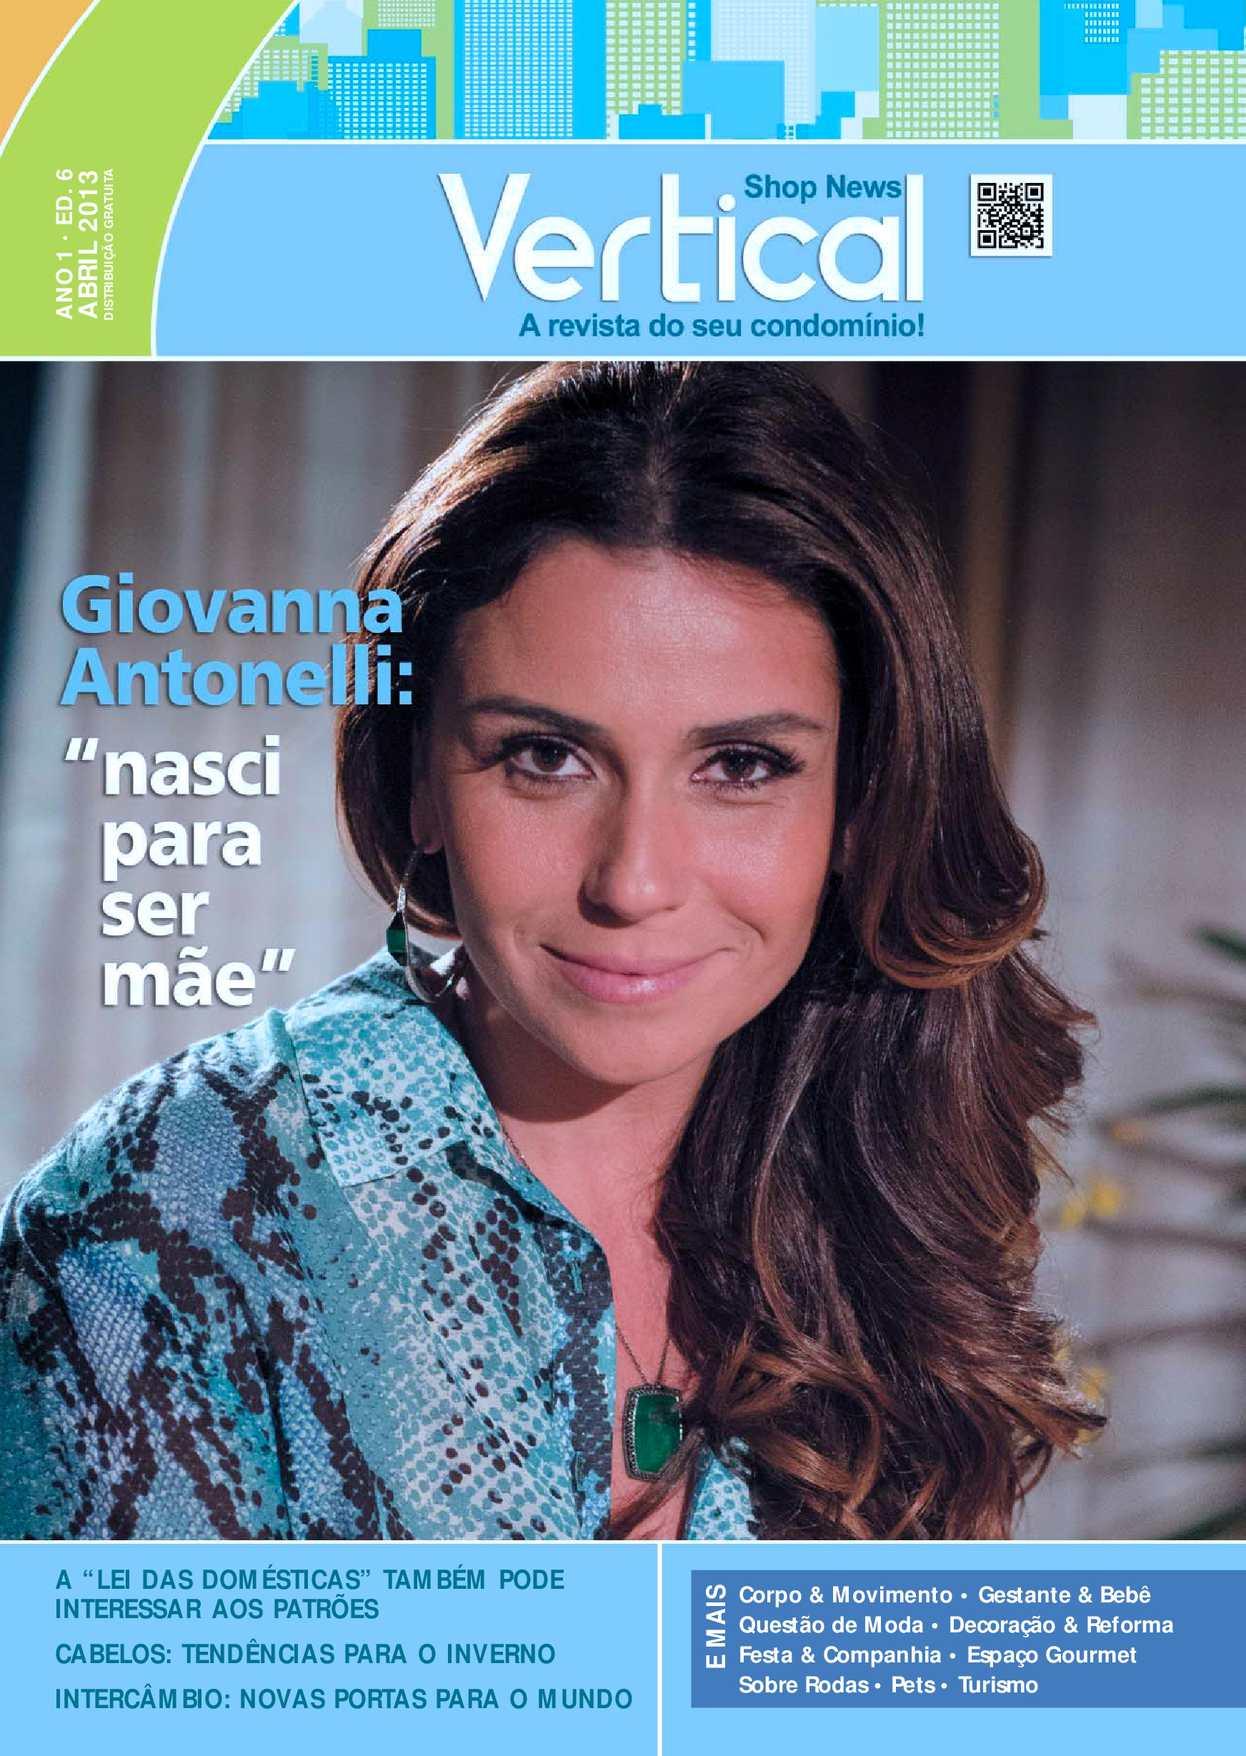 Calaméo - Revista Vertical Ed 6 b4de8fc9f5